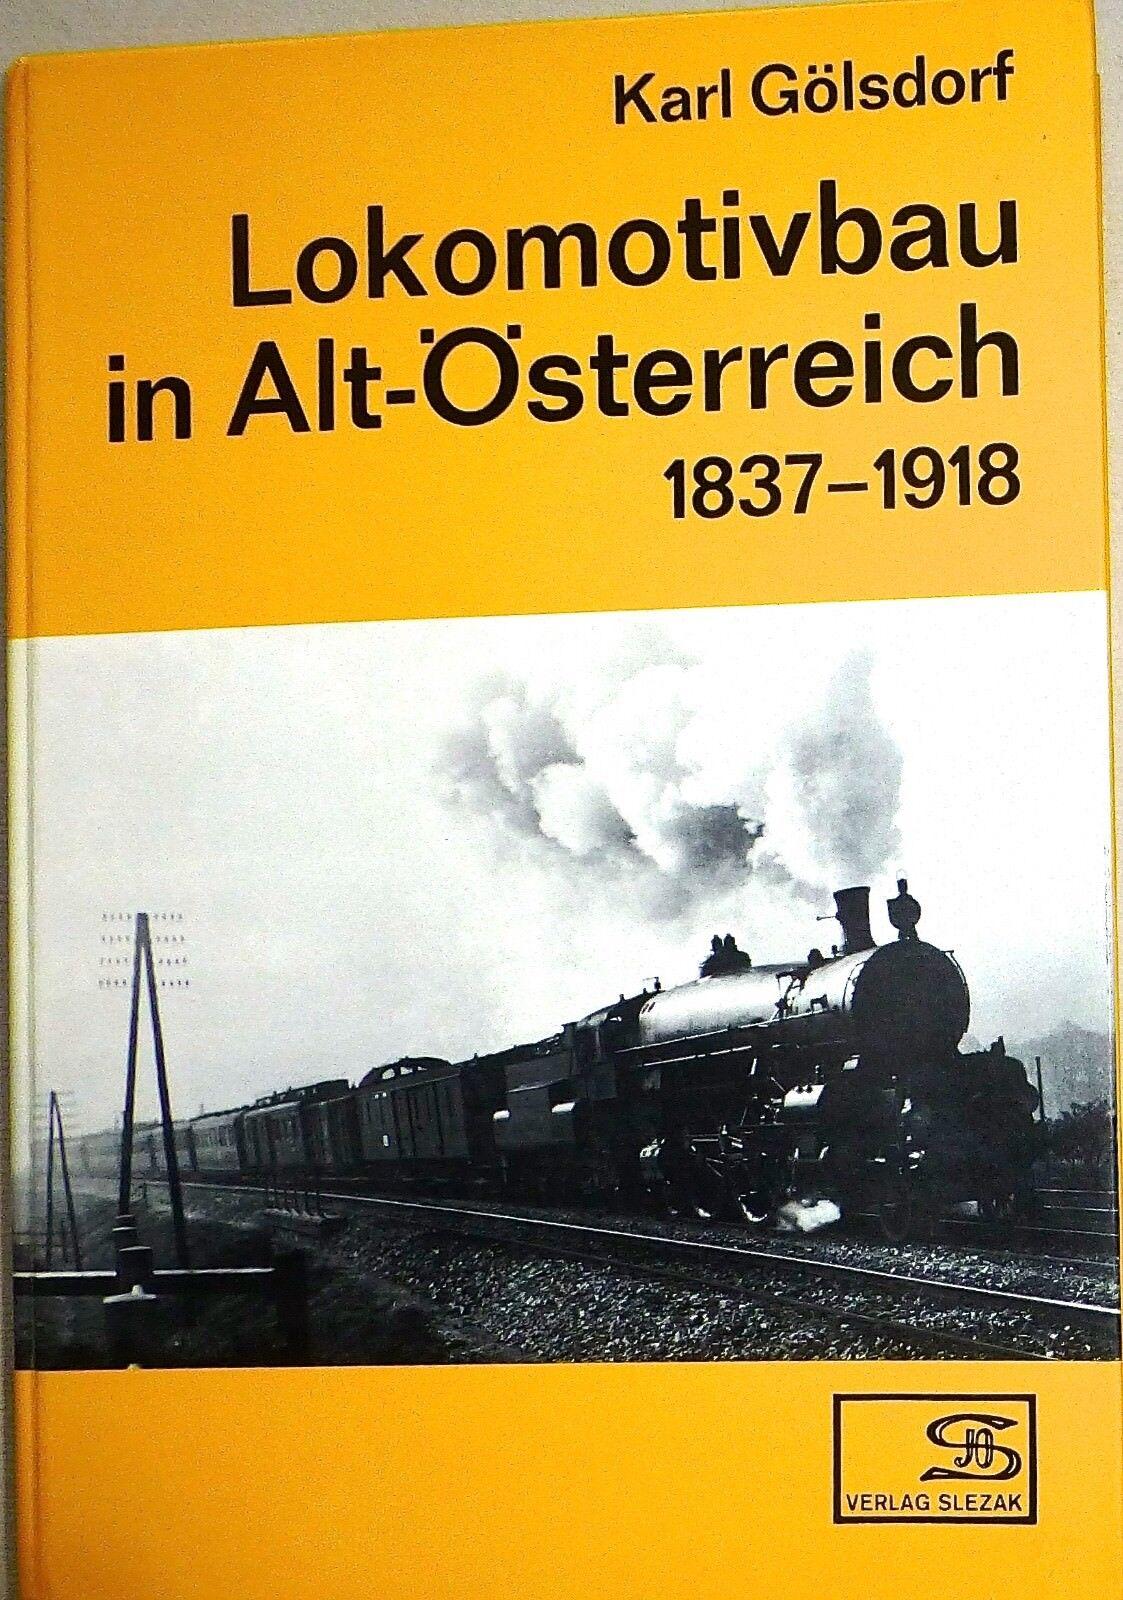 Lokomotivbau in alt-Austria 1837-1918 Karl Gölsdorf Verlag Slezak ke2 Å